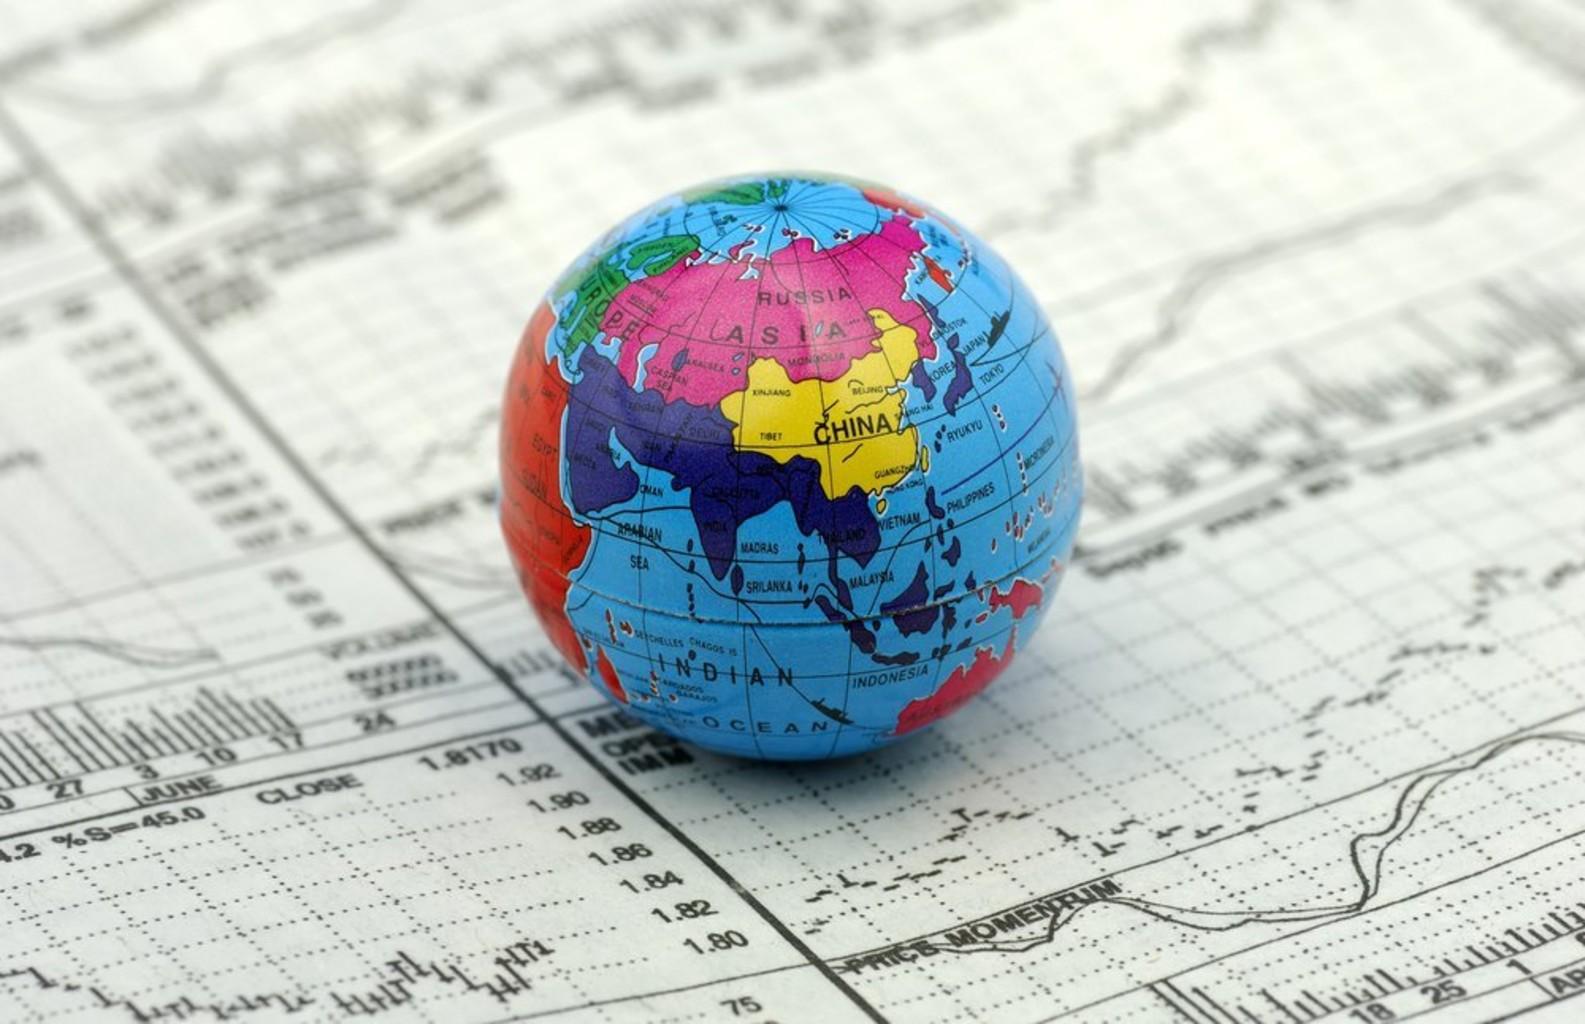 любой картинка международная экономика кузбассе поспели кедровые